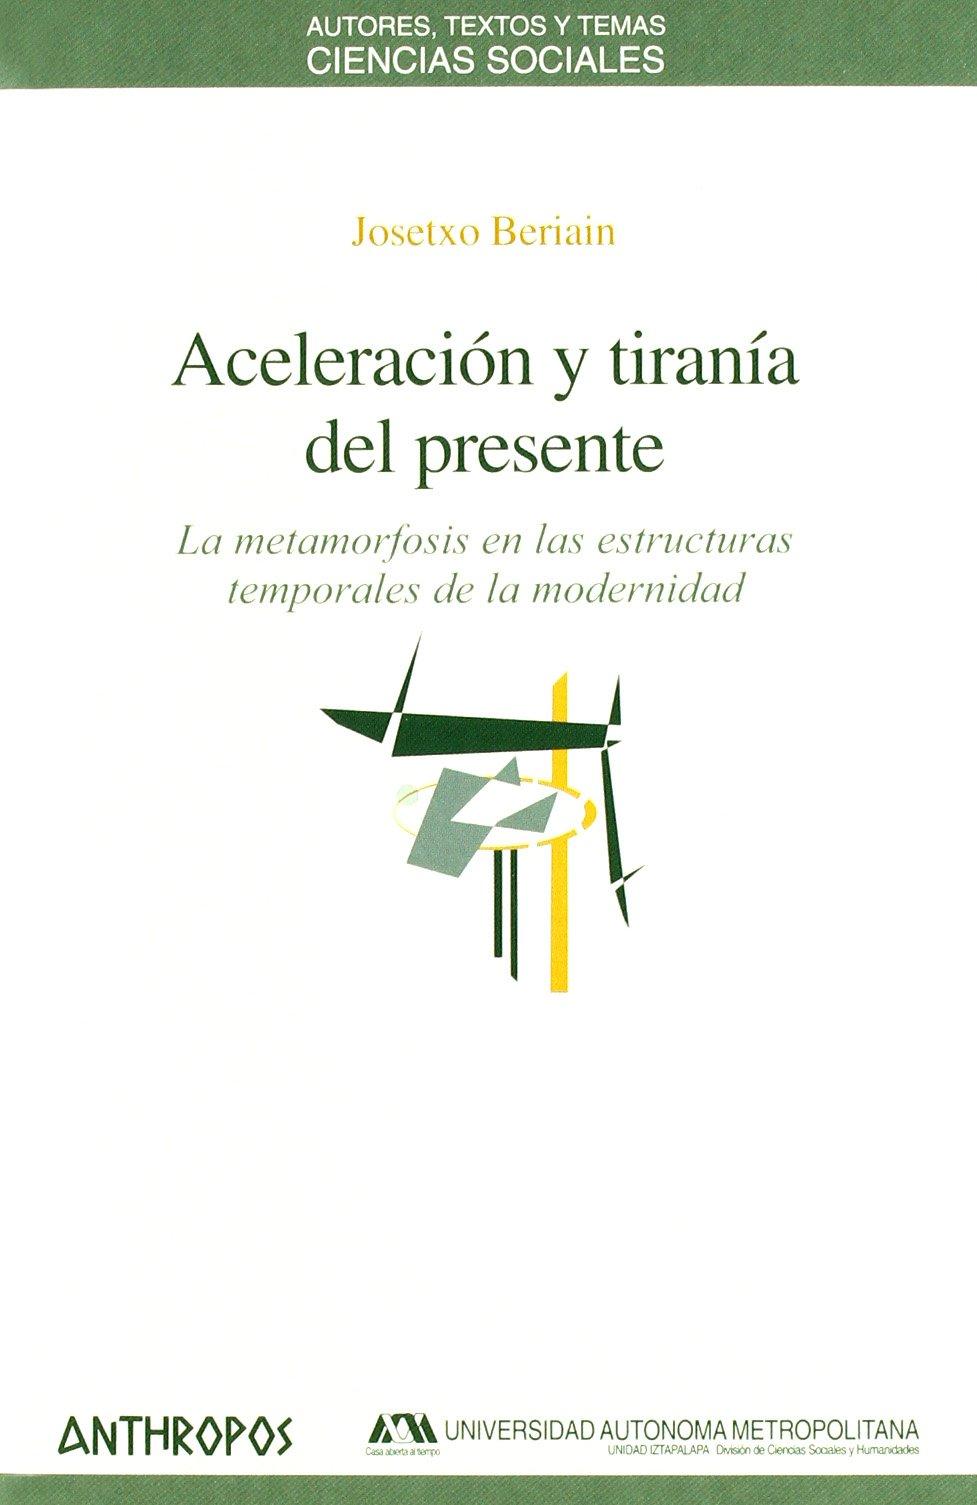 Aceleración Y Tiranía Del Presente (Ciencias Sociales) Tapa blanda – 1 may 2013 Josetxo Beriain Editorial Anthropos 847658847X Essays